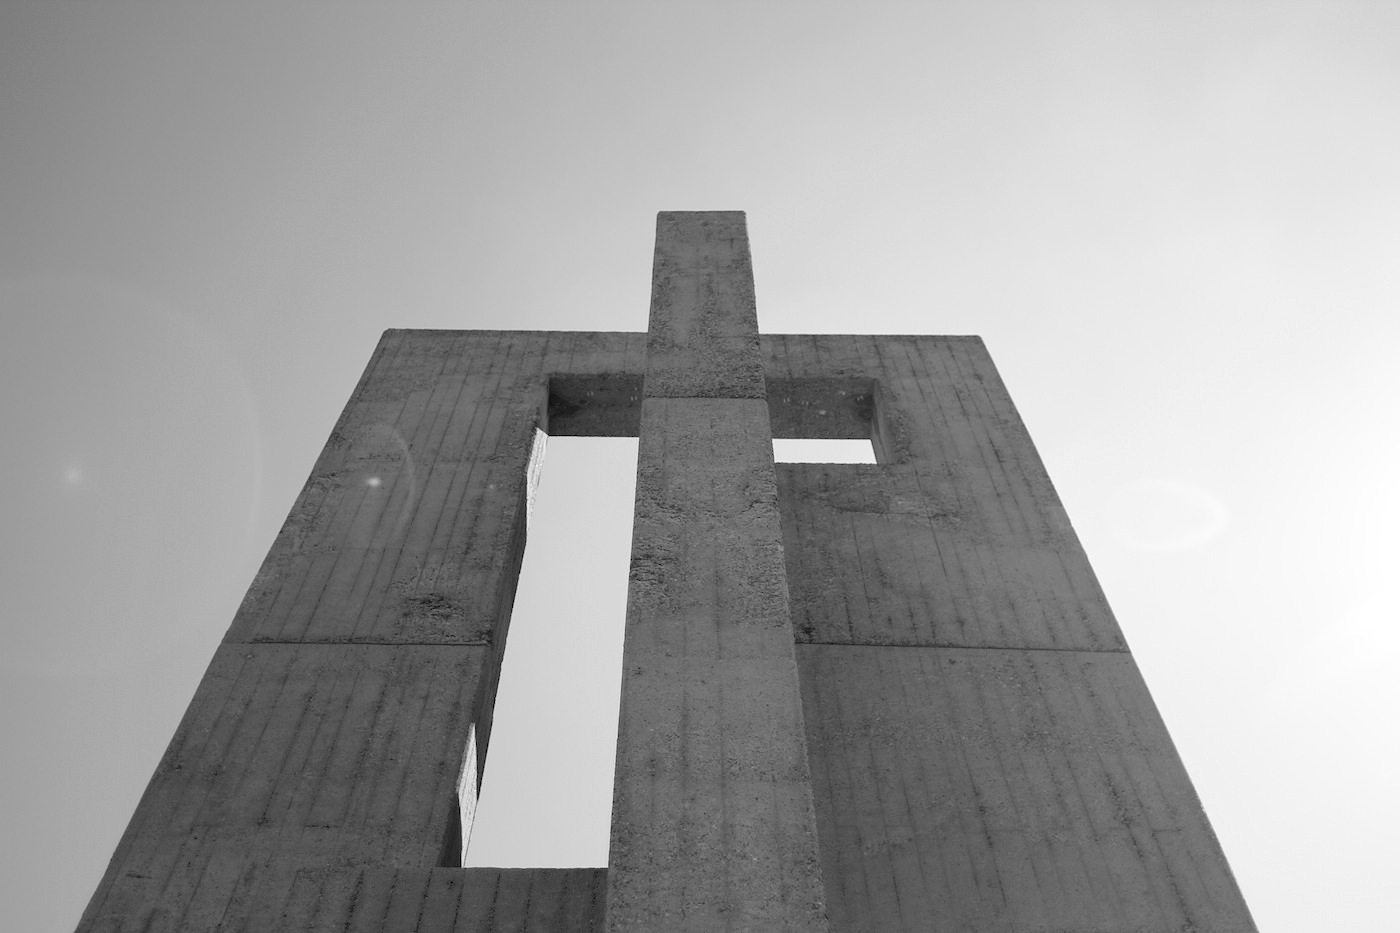 Kirche der katholischen Hochschulgemeinde. Konstruktivistisch und massiv